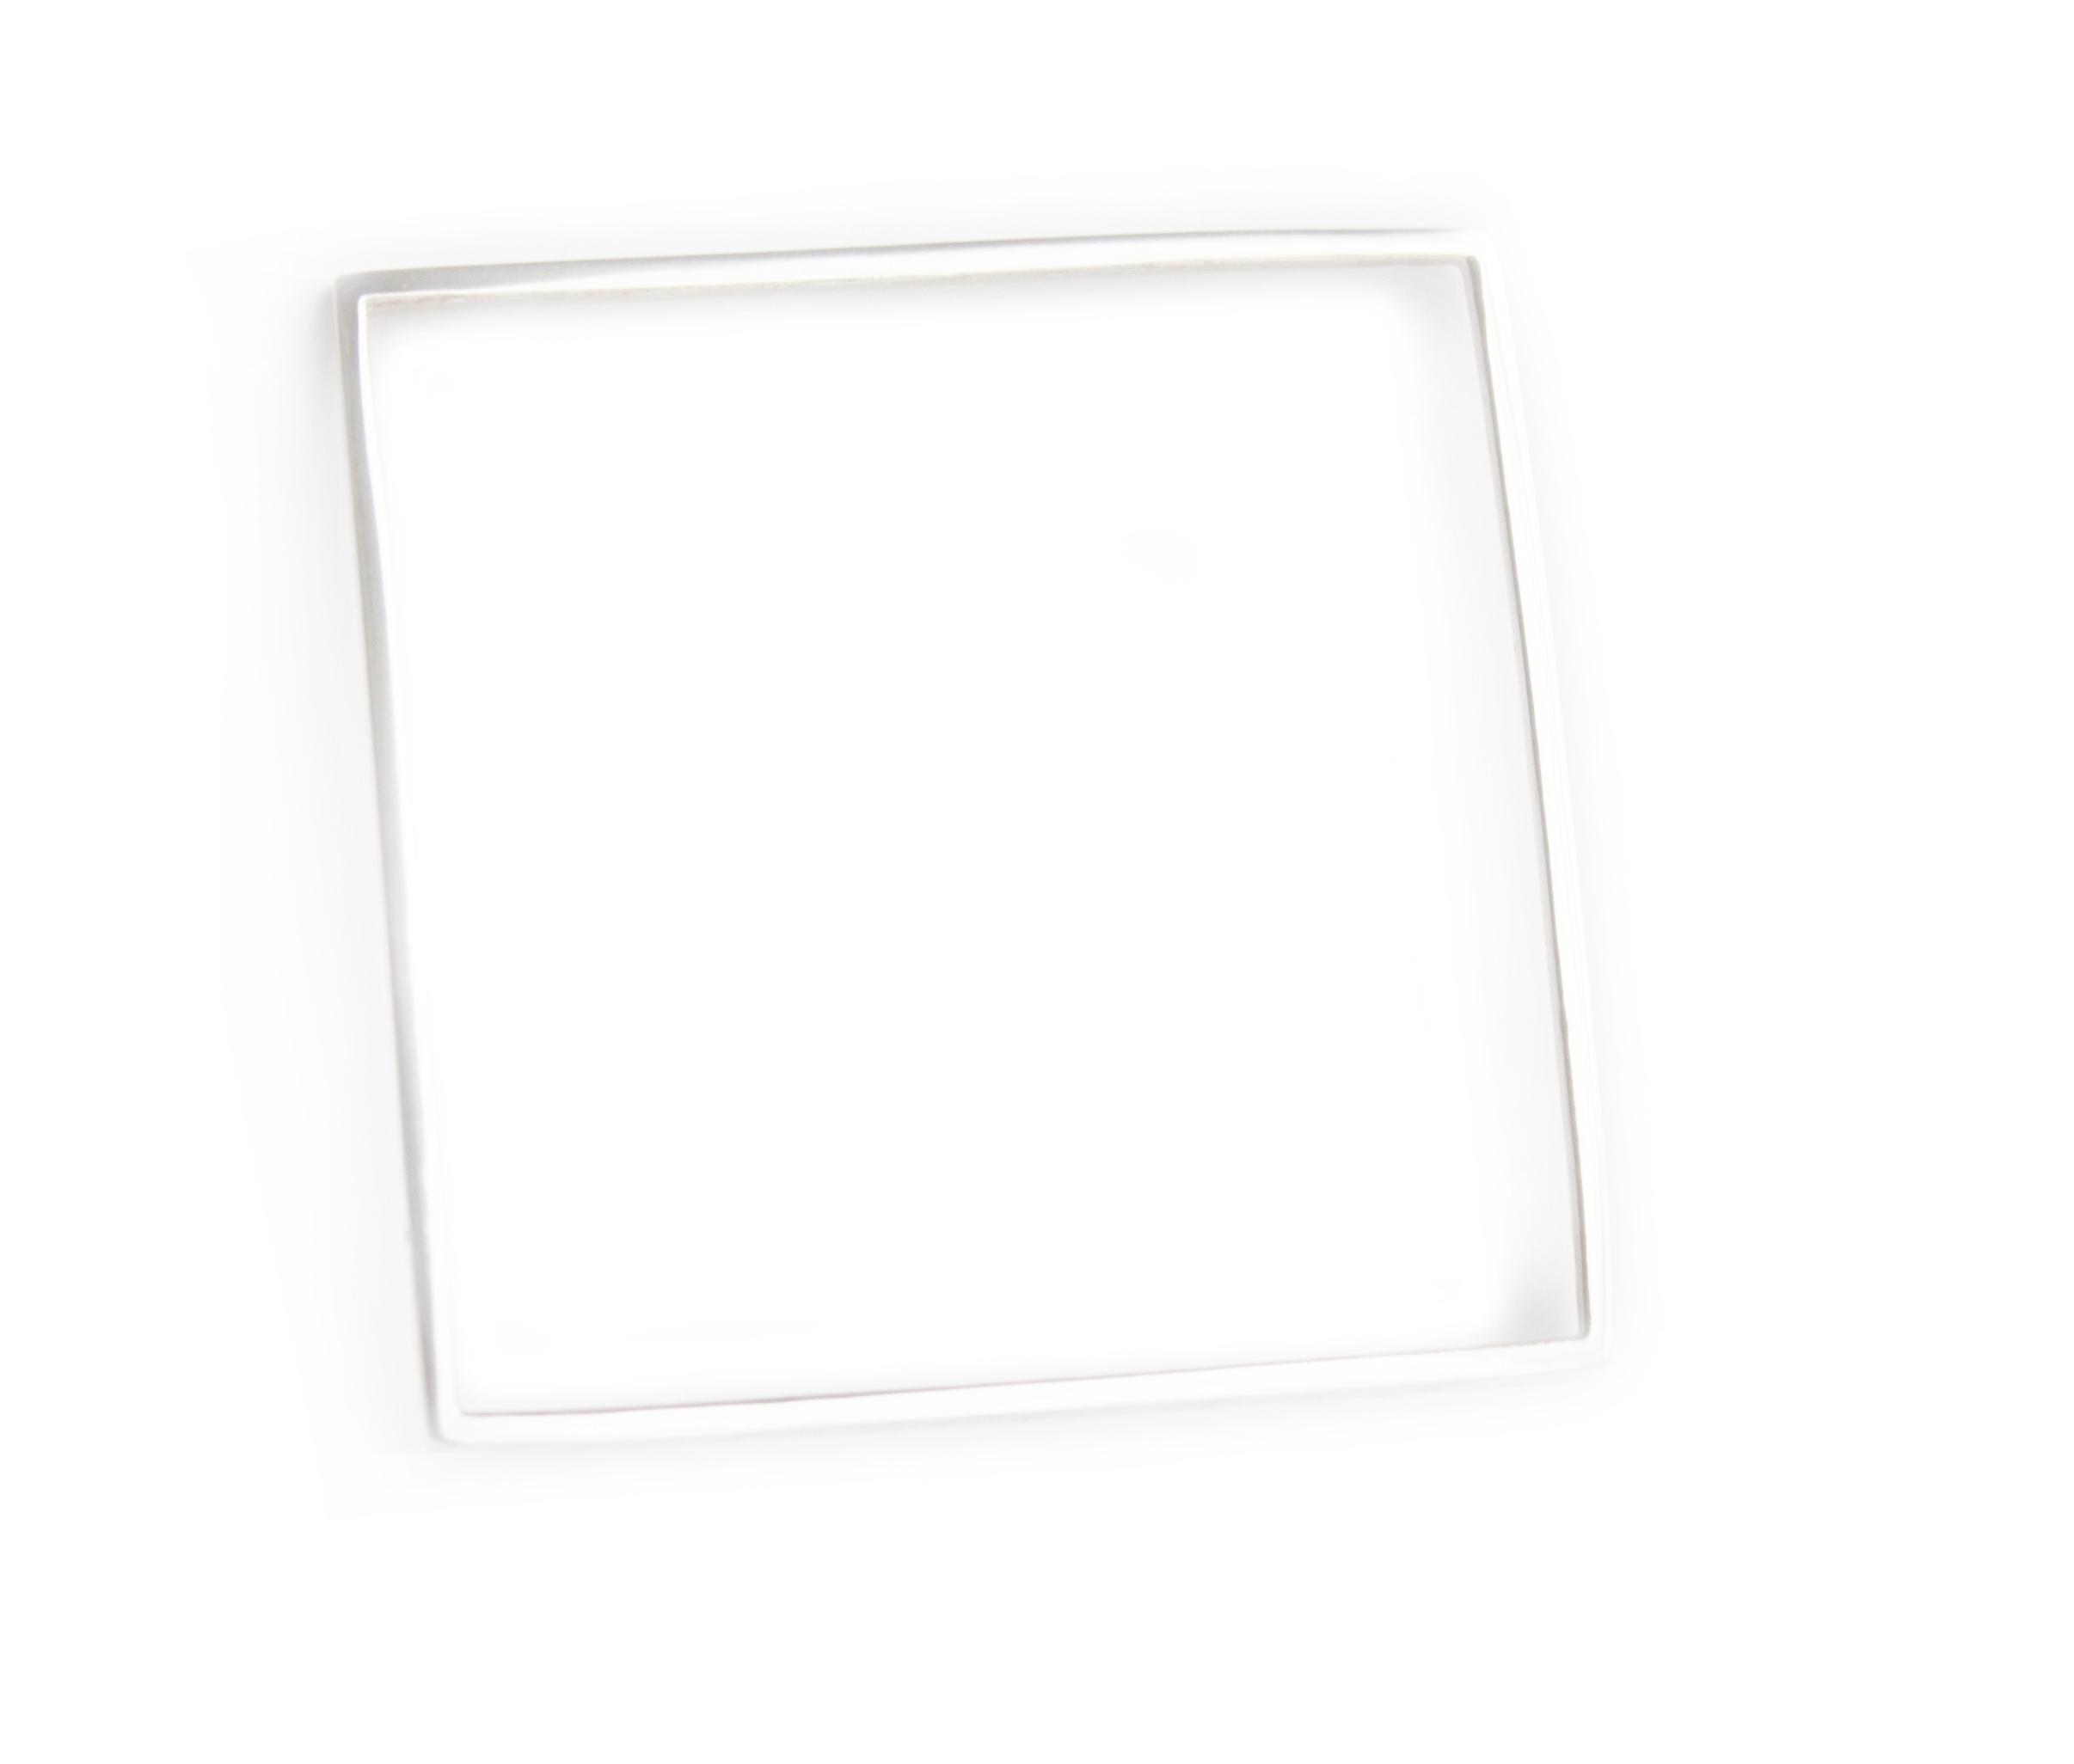 squarebangle1-white1.jpg